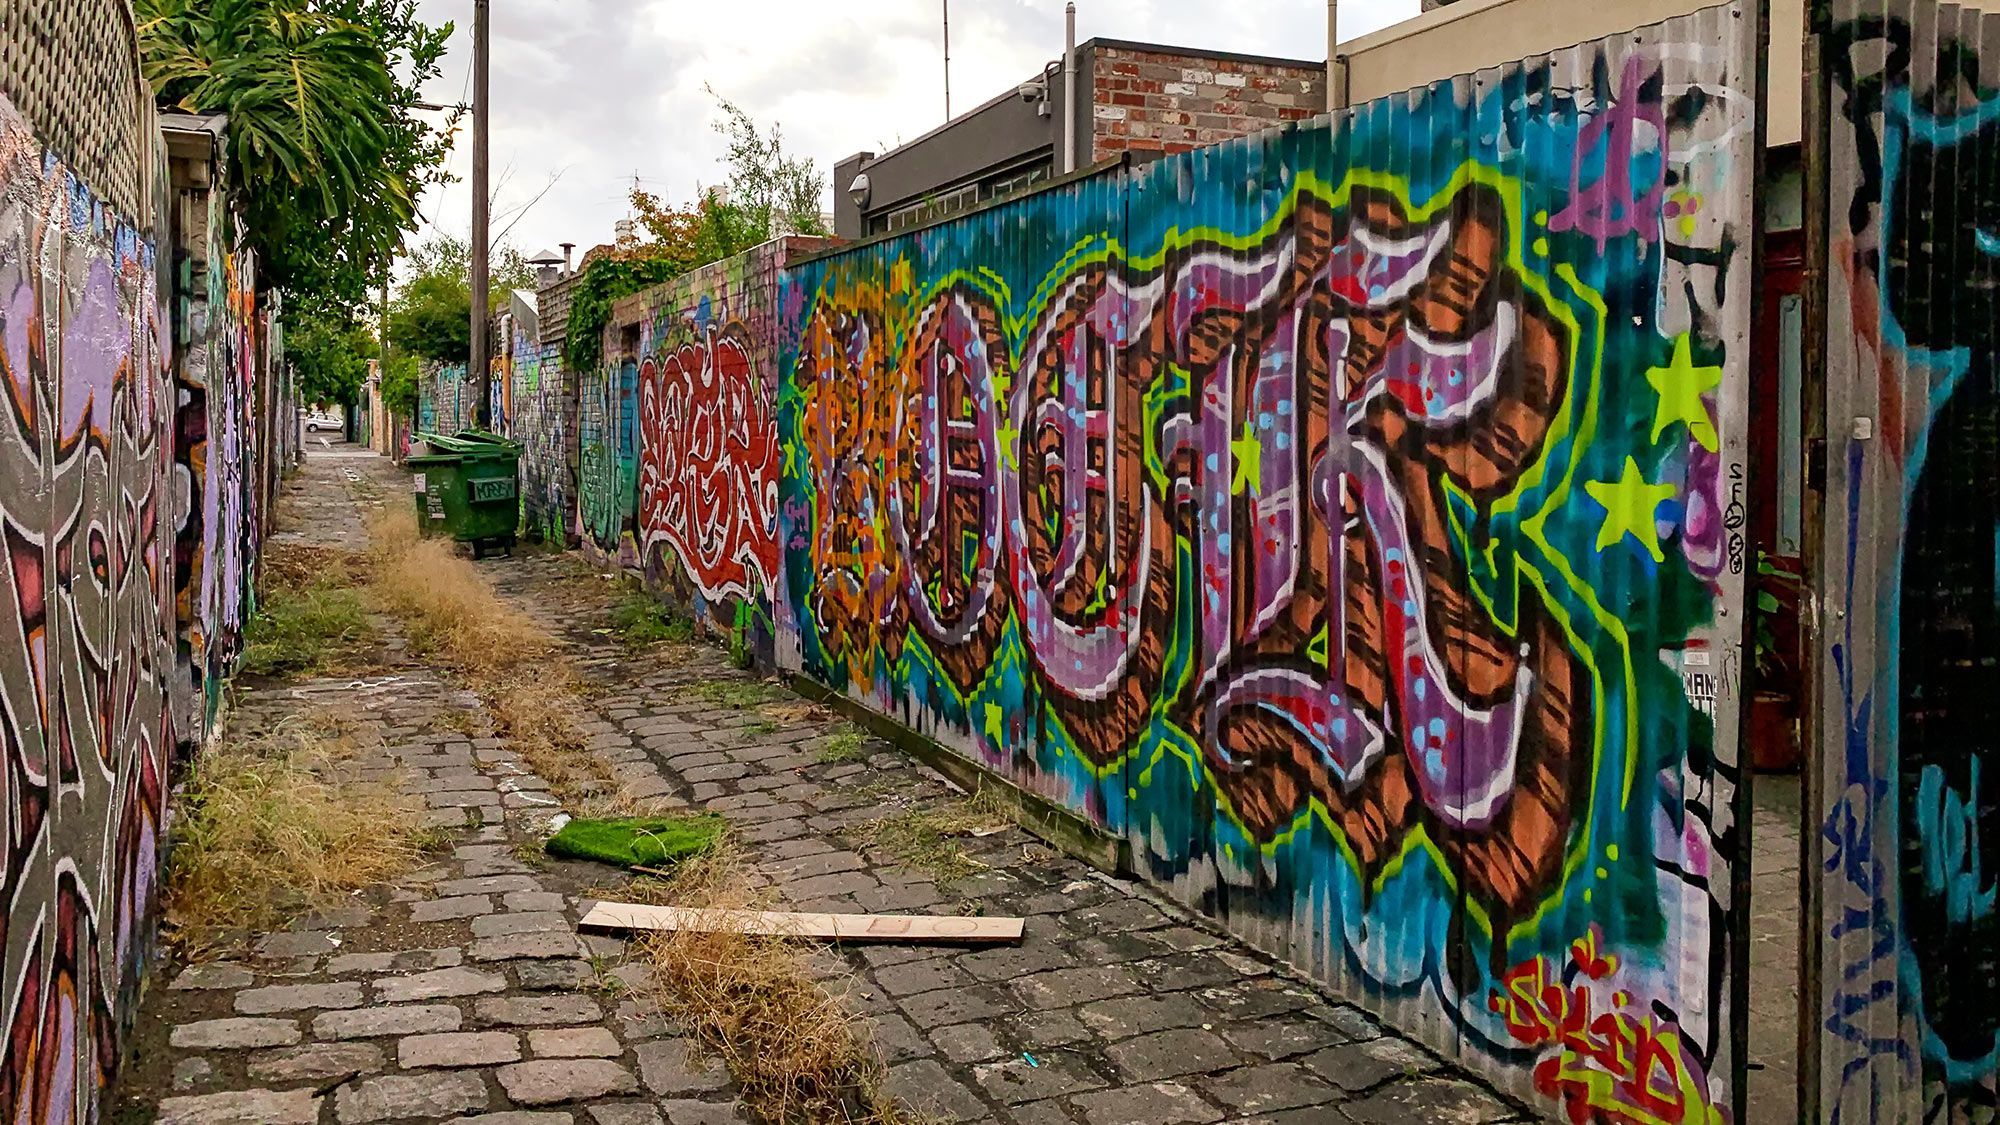 street art in fitzrock back alley